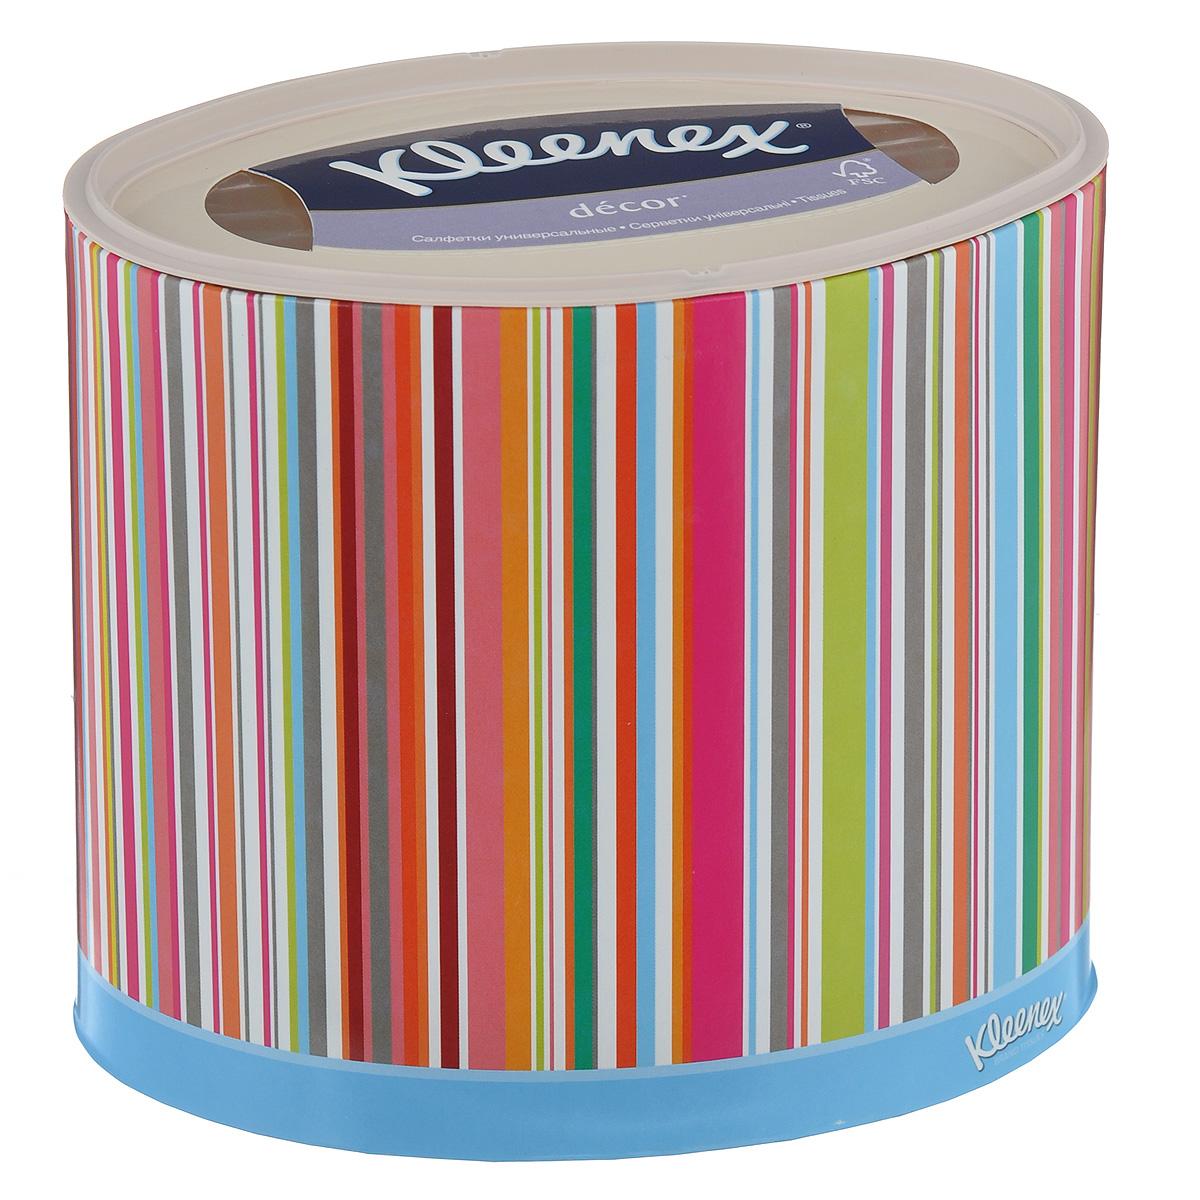 Салфетки универсальные Kleenex Decor, трехслойные, 21 см х 20 см, 64 шт (упаковка полоска)26083186_полоскаТрехслойные, мягкие, гигиенические салфетки Kleenex Decor изготовлены из высококачественного, экологически чистого сырья - 100% целлюлозы. Салфетки обладают большой впитывающей способностью. Не вызывают аллергию, не раздражают чувствительную кожу. Благодаря уникальной мягкости, салфетки заботятся о вашей коже во время простуды. Просты и удобны в использовании. Применяются дома и в офисе, на работе и отдыхе. Для хранения салфеток предусмотрена специальная коробочка. Новый и уникальный формат салфеток на российском рынке - овал! Красивый и модный дизайн упаковки, соответствующий последним трендам в дизайне интерьера. Настоящий премиум продукт по форме и содержанию. Товар сертифицирован. Комплектация: 64 шт. Размер салфетки: 21 см х 20 см.